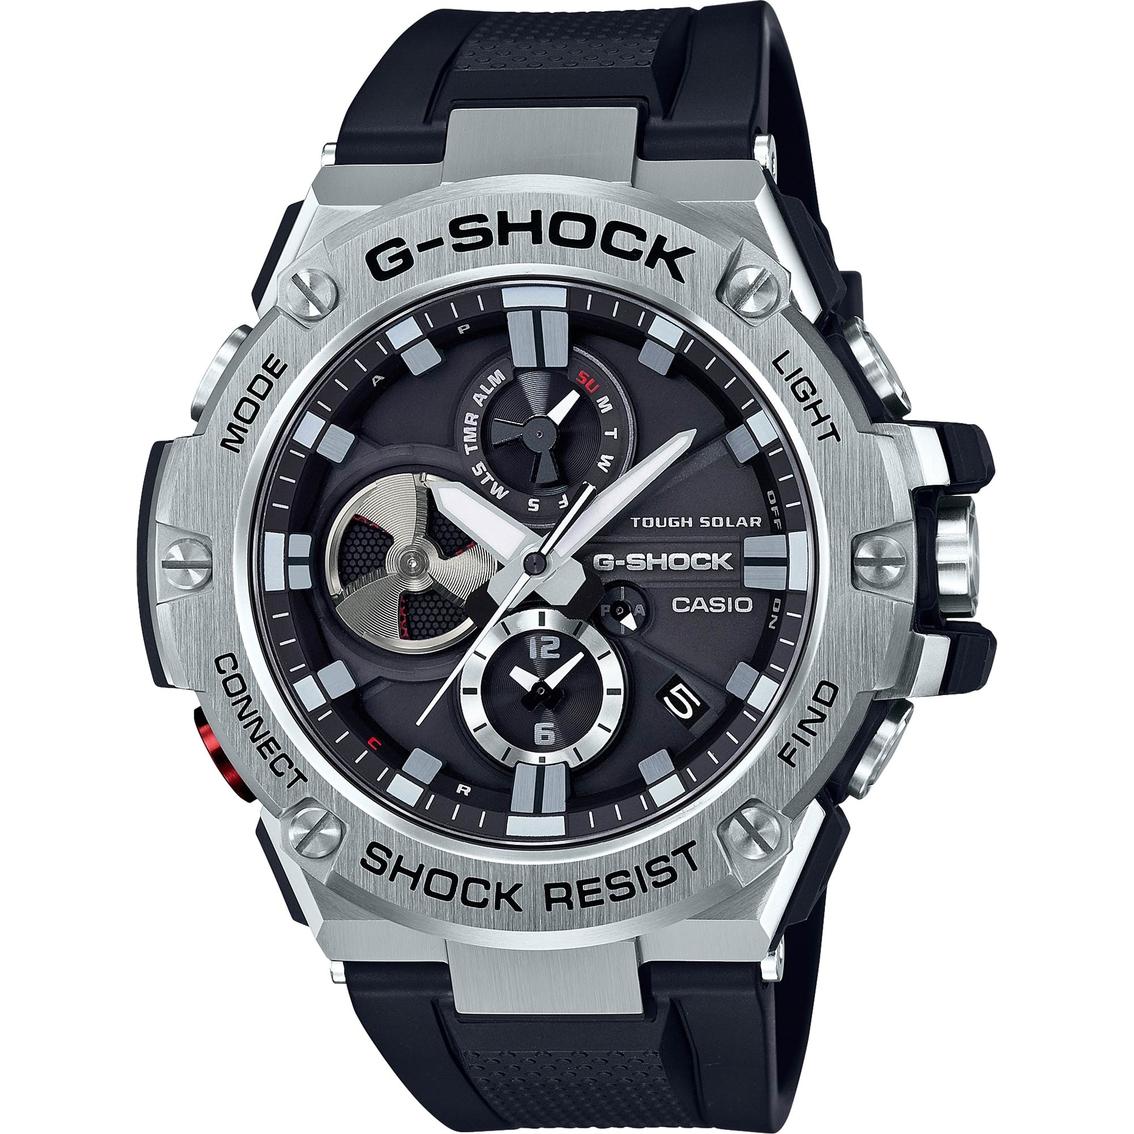 Casio Men S G Shock 200m Tough Sport Watch Gstb100 1acr